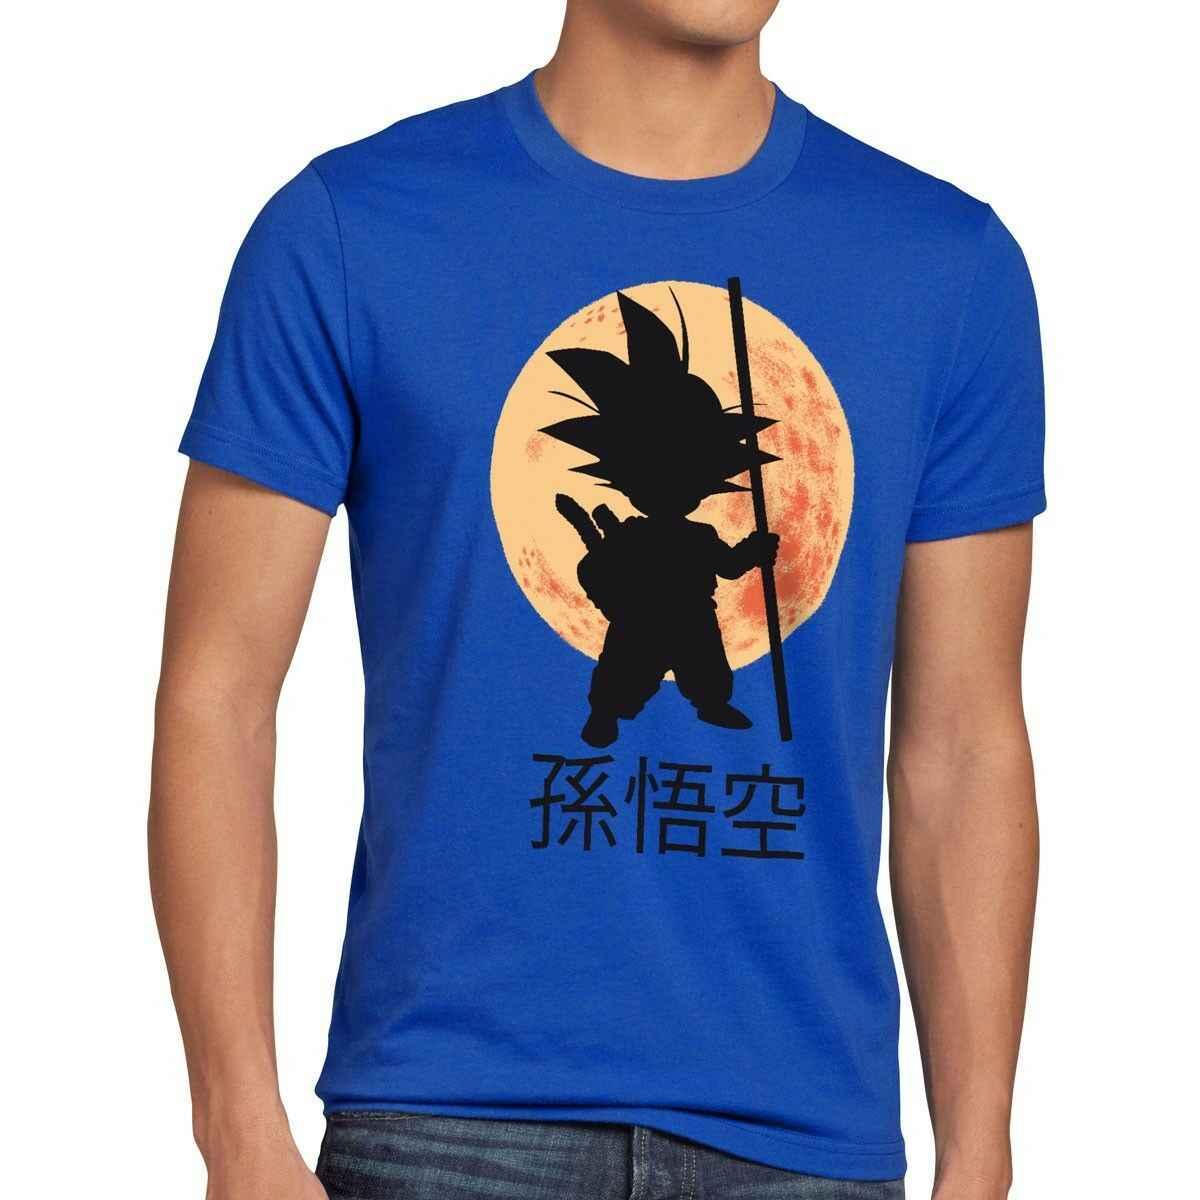 Goku Moon Мужская футболка с мячом супер криллин Роши Дракон Аниме Комикс ребенок Z SON-show оригинальное название